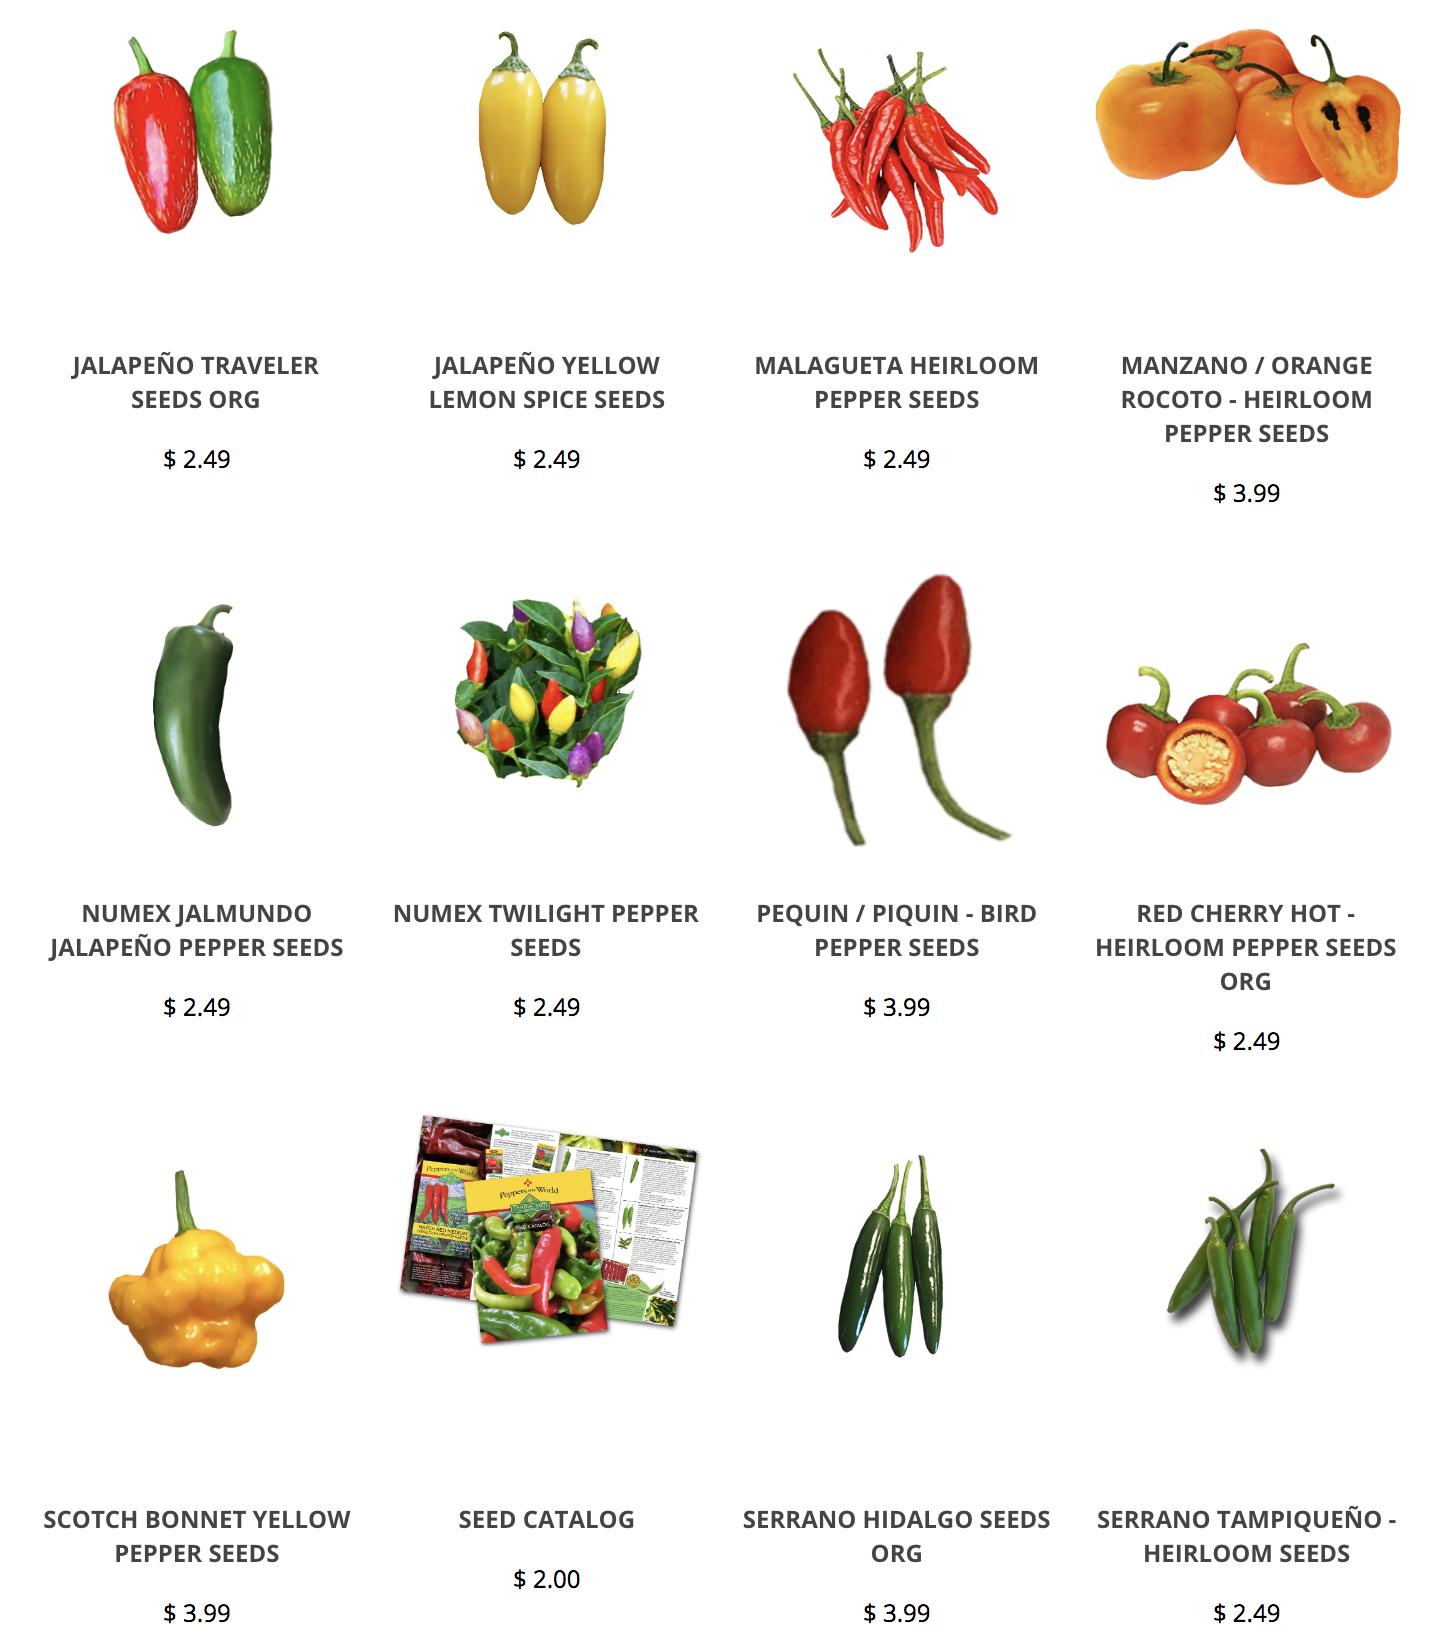 NuMex Jalmundo Hot Pepper Seeds